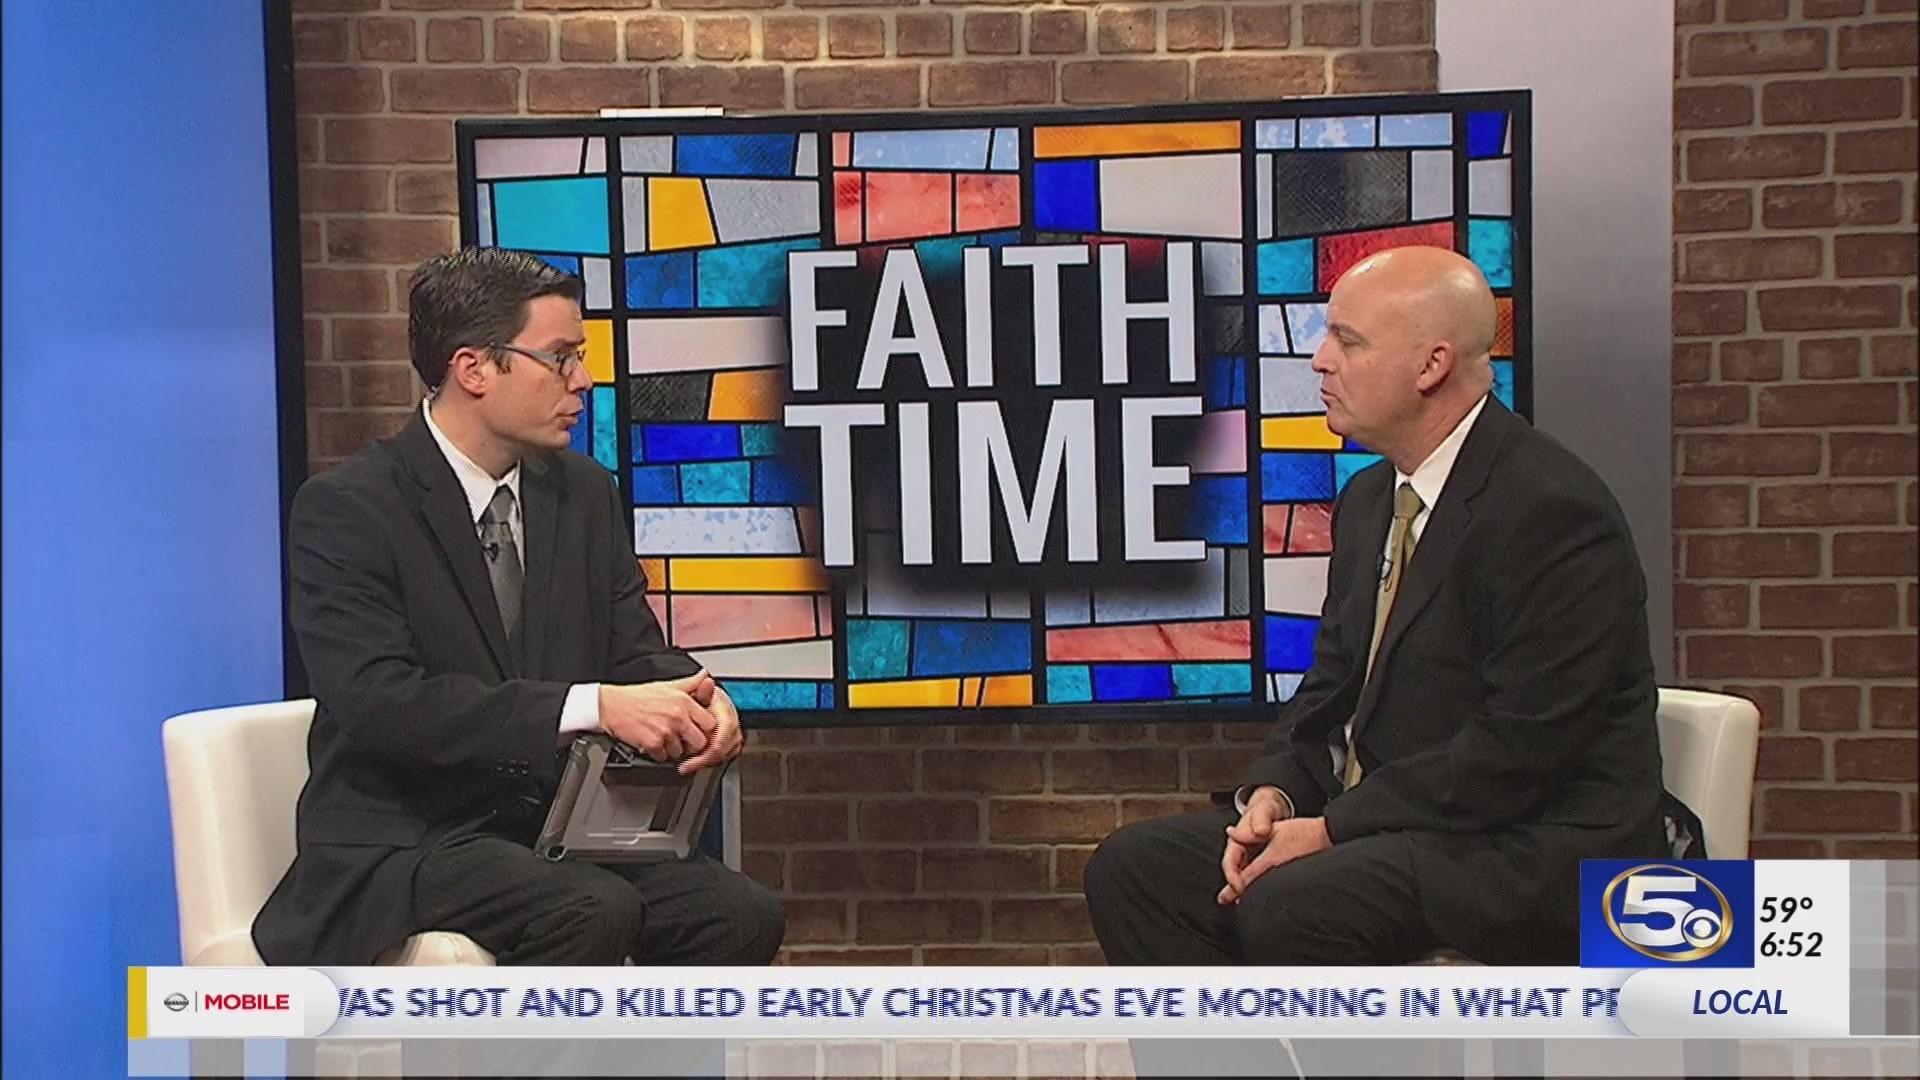 Faith_Time___Christian_education_0_20181230130418